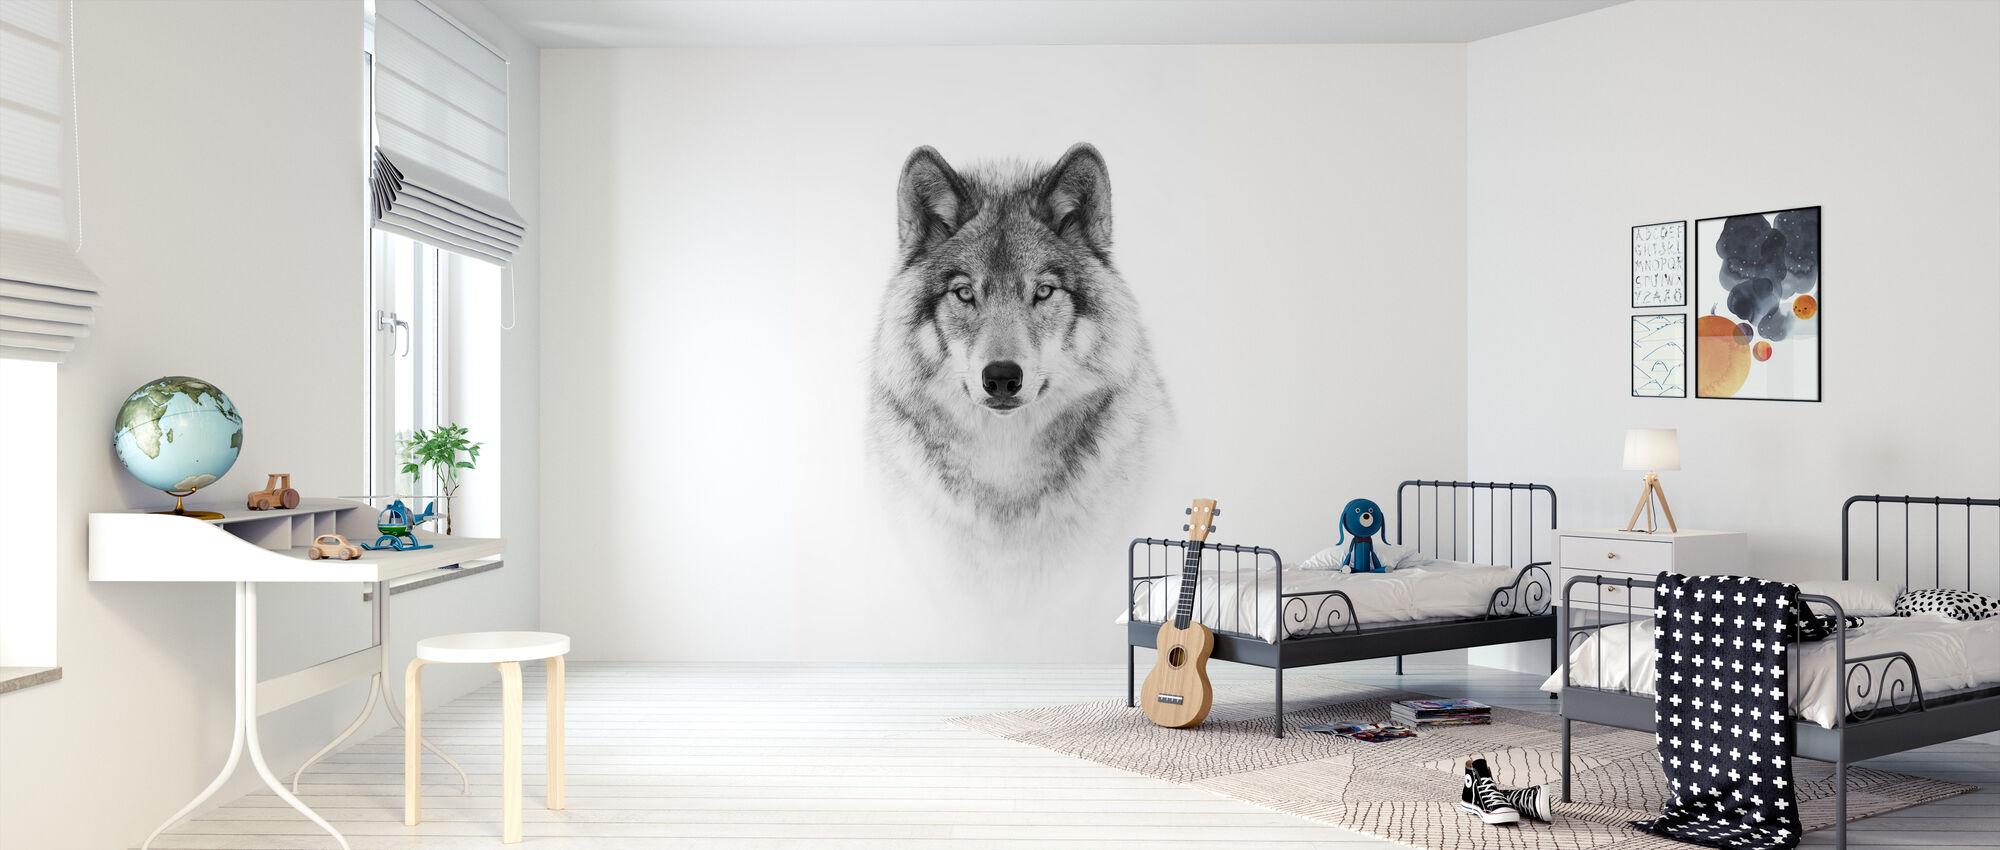 Portret van een houtwolf - Behang - Kinderkamer